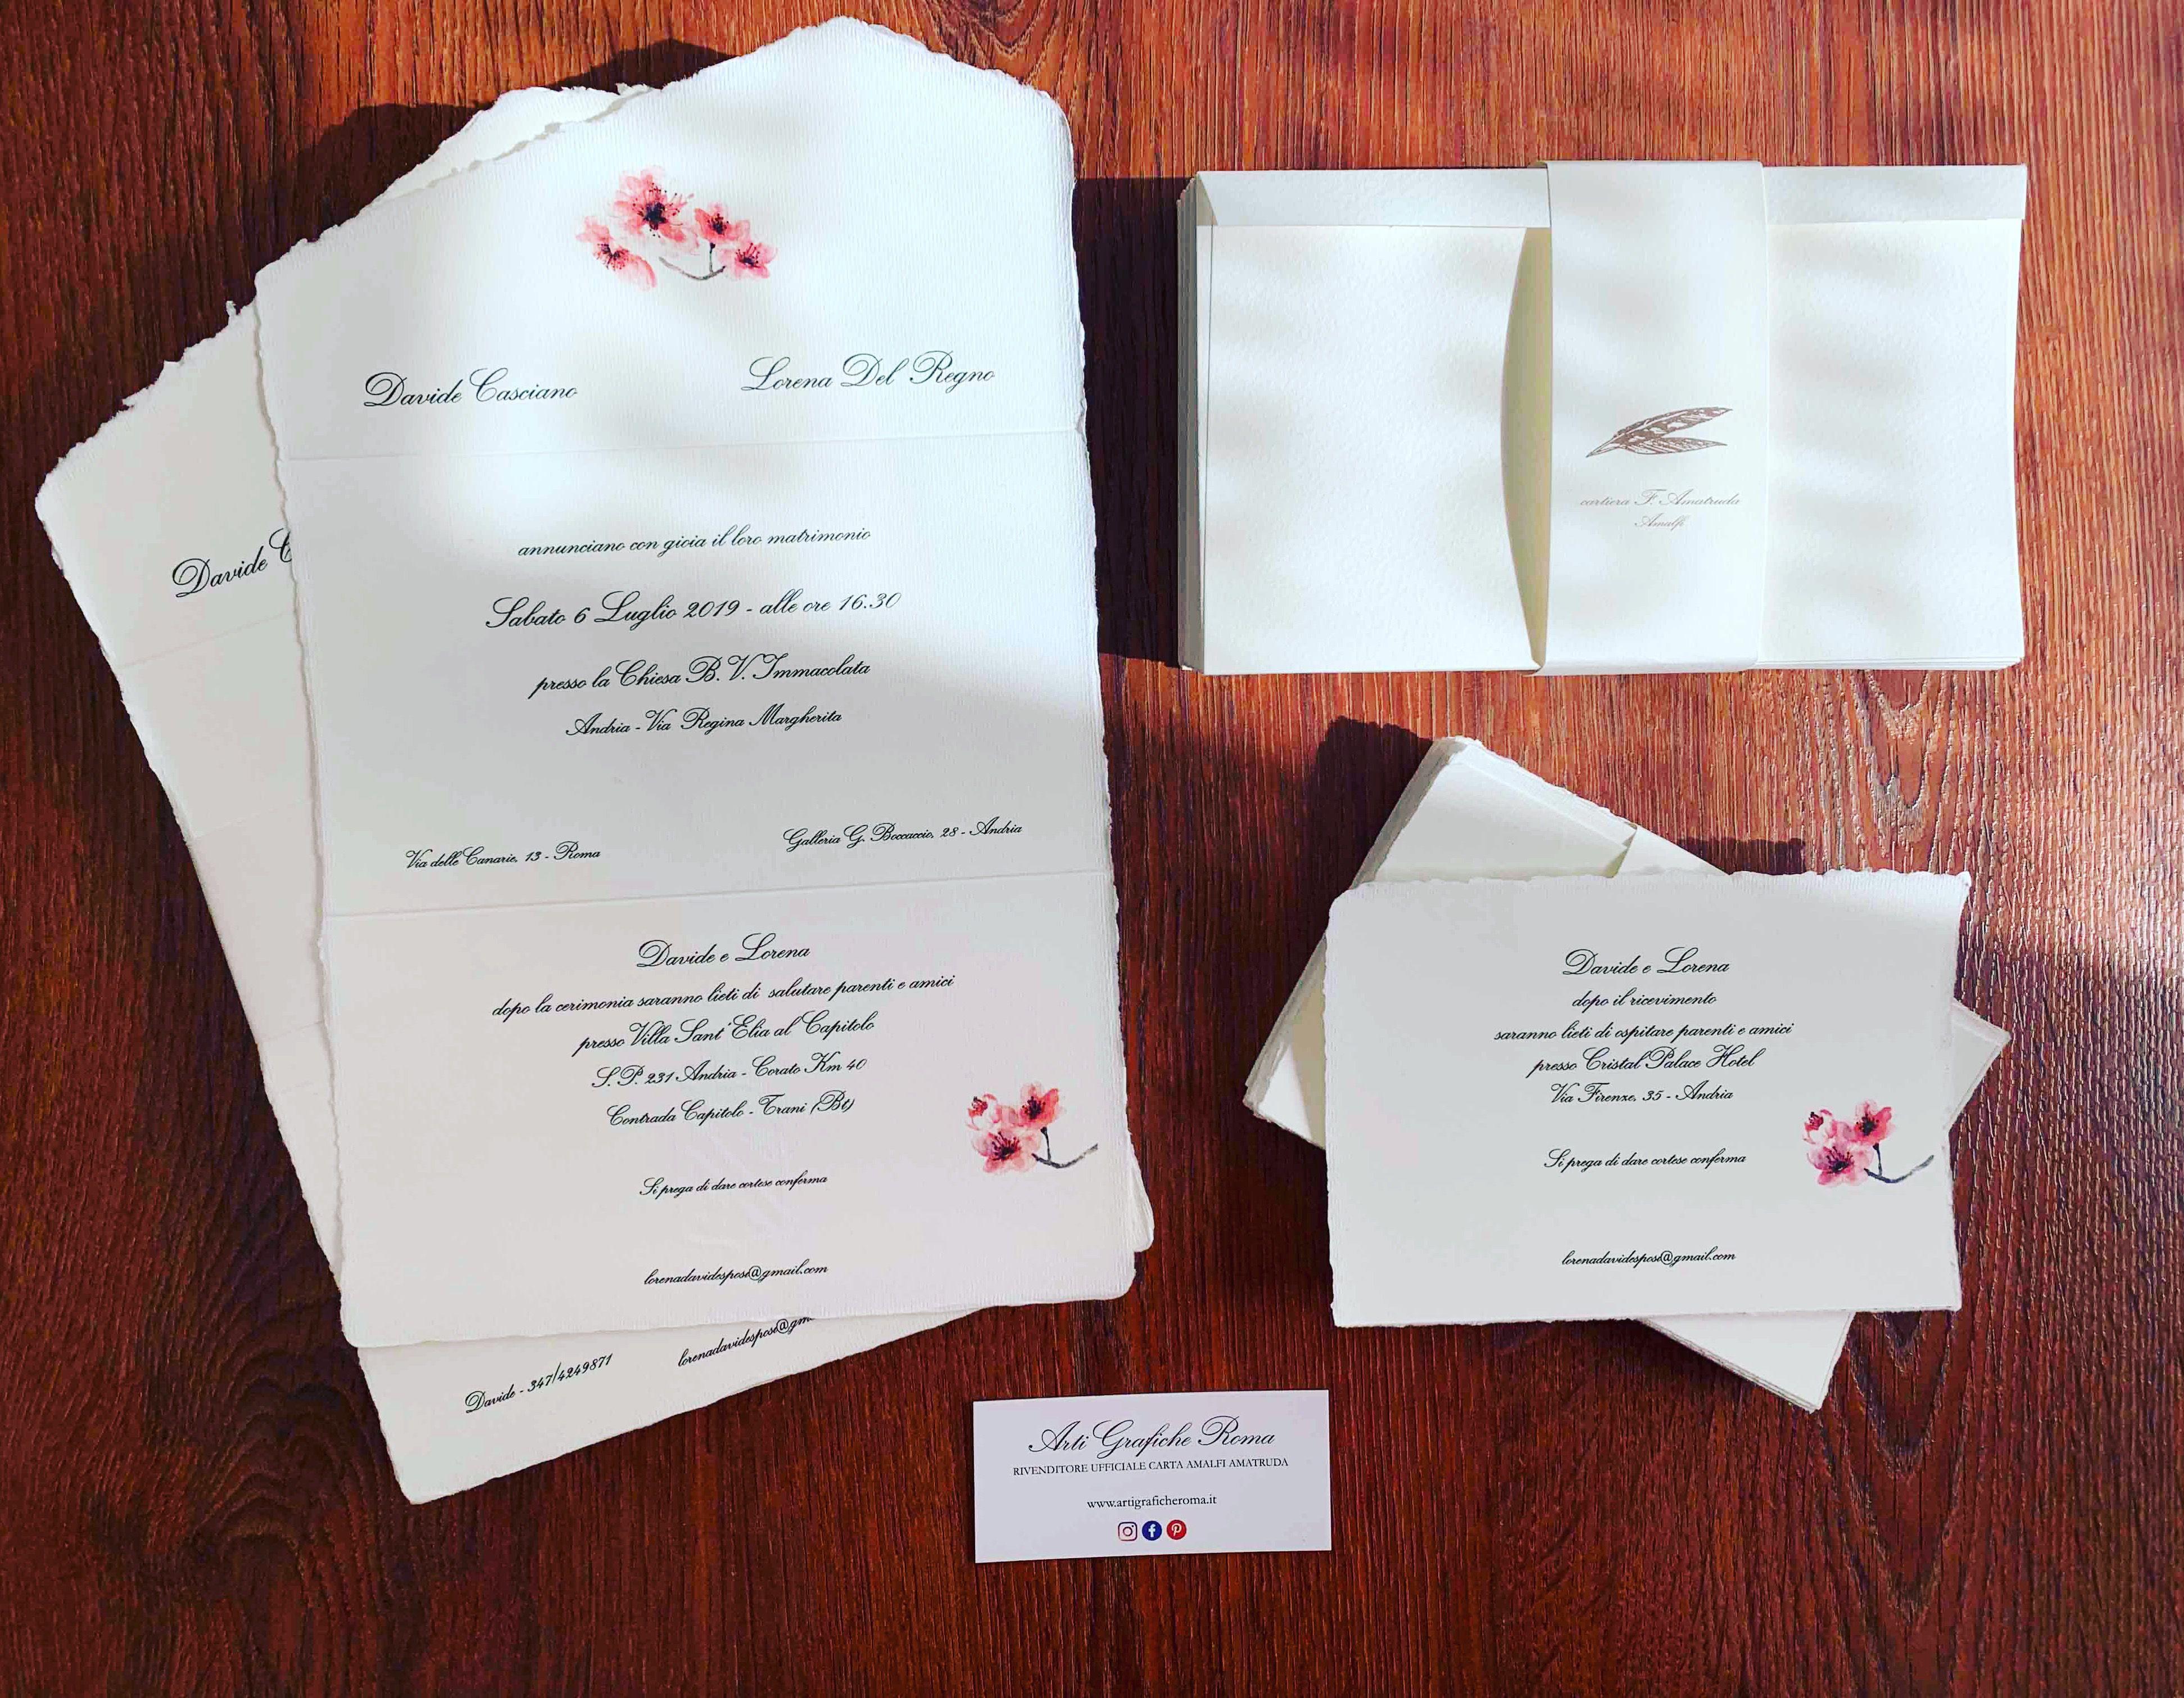 Stampa Partecipazioni Matrimonio.Specializzati In Partecipazioni Di Matrimonio Su Stampa Carta